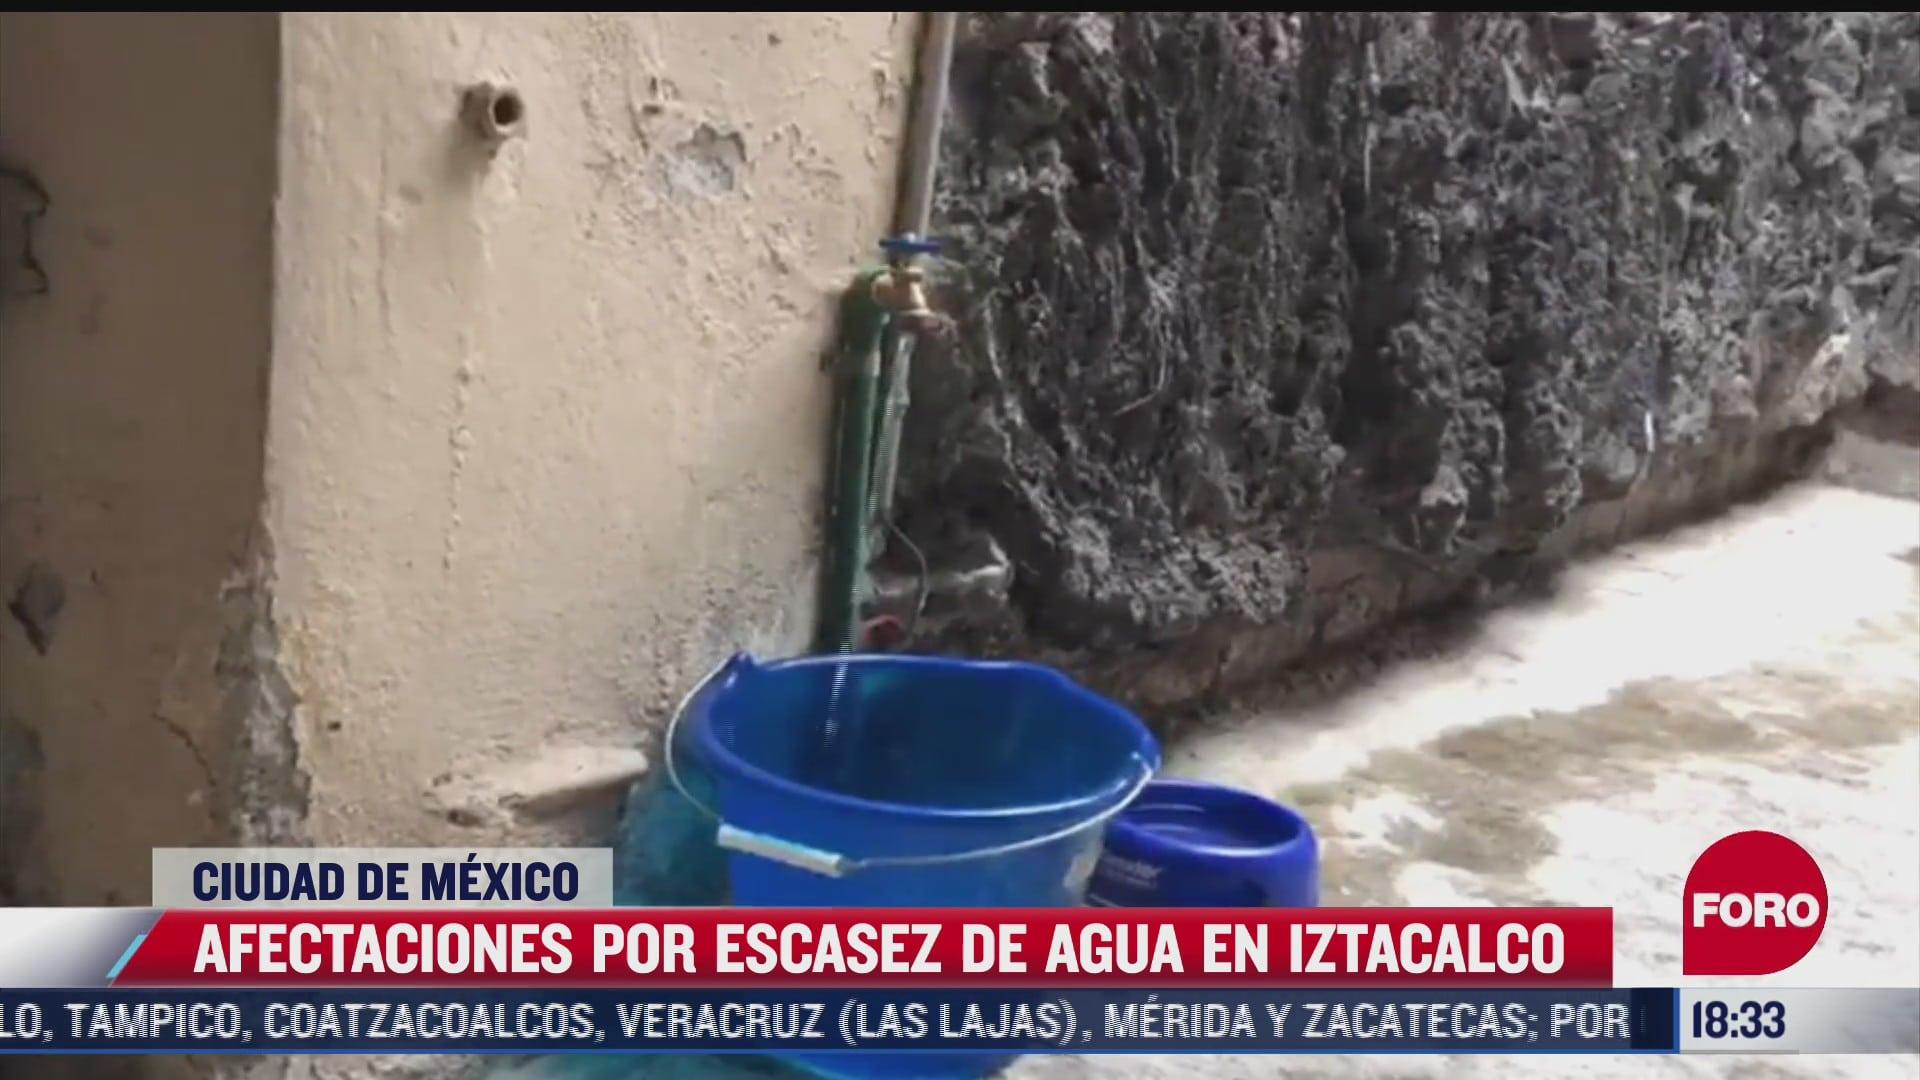 continuan afectaciones por escasez de agua en iztacalco